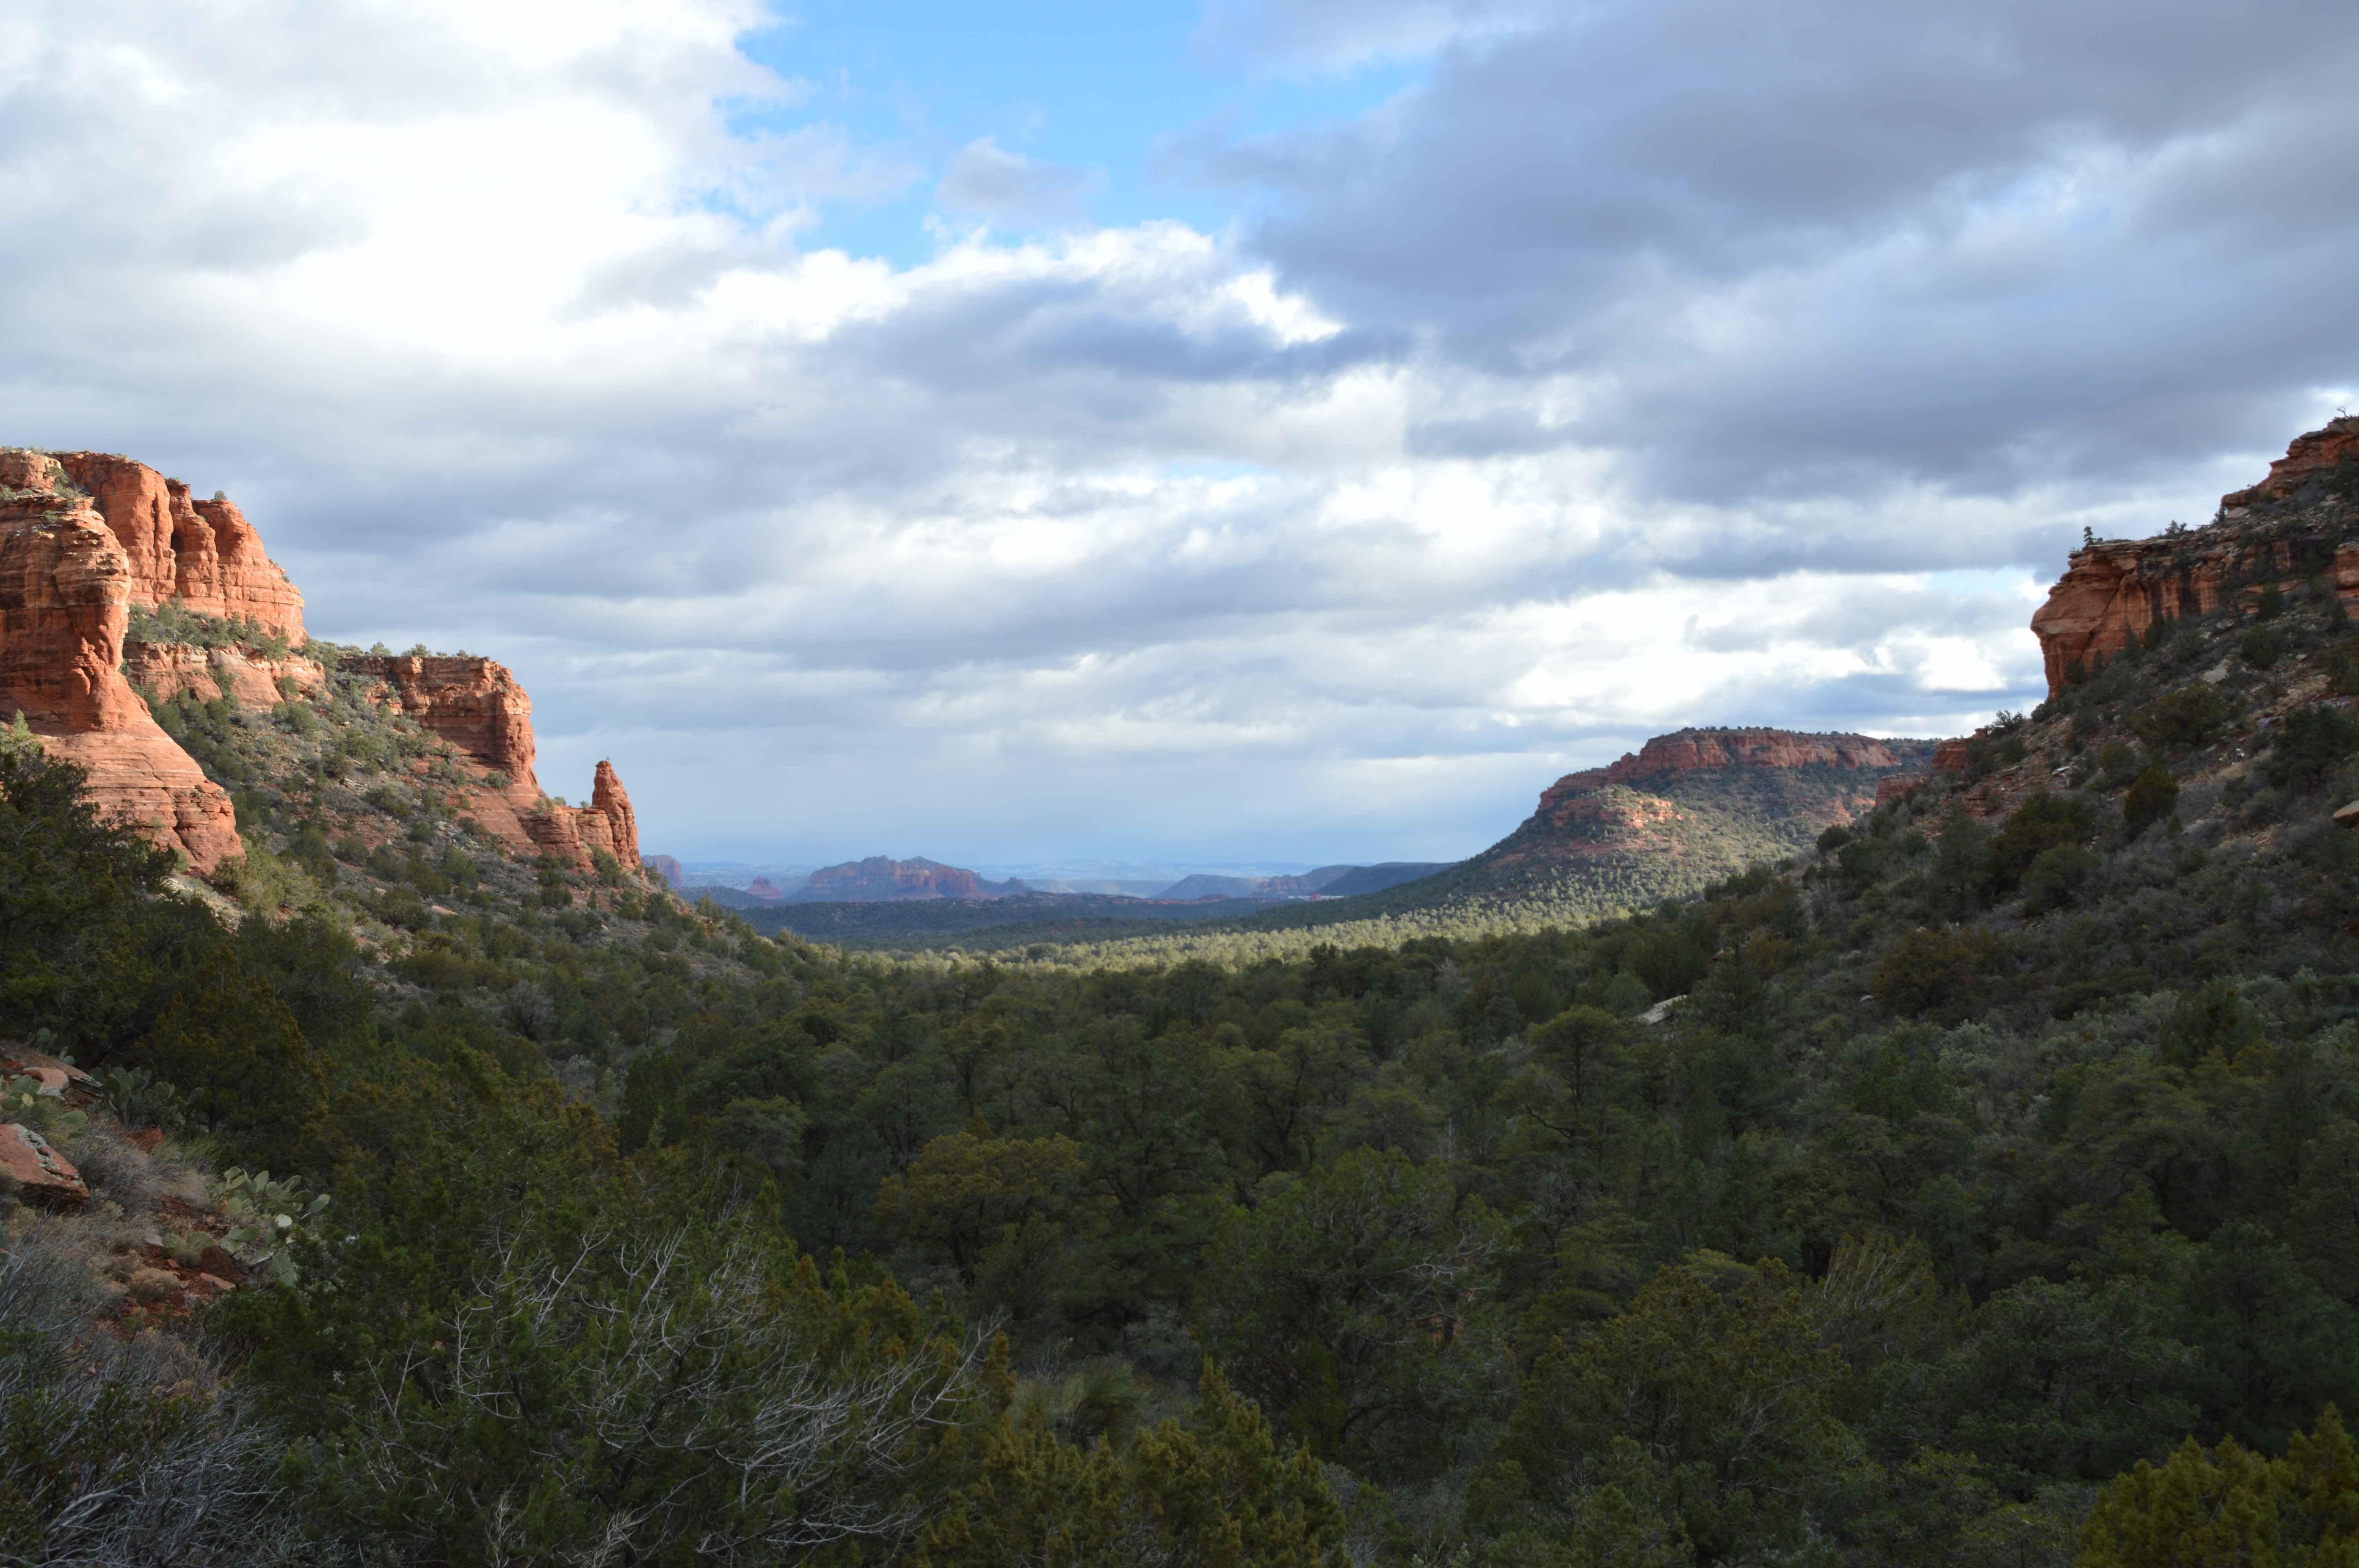 A canyon view looking toward Sedona